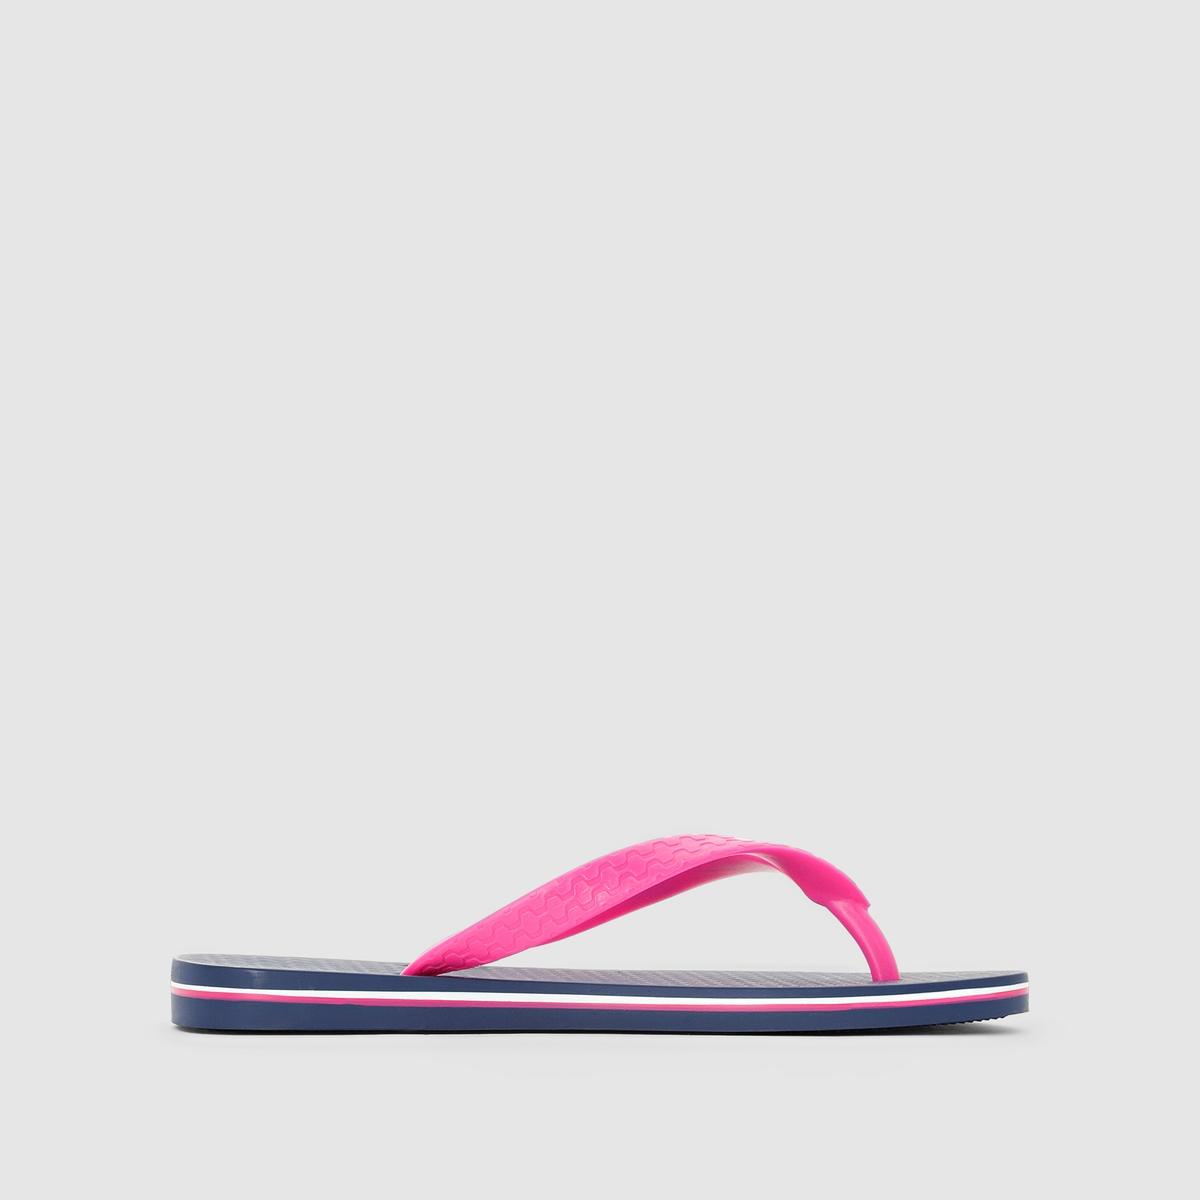 Вьетнамки Classic Brazil II FemВерх/Голенище : каучук   Стелька : каучук   Подошва : каучук   Форма каблука : плоский каблук   Мысок : открытый мысок   Застежка : без застежки<br><br>Цвет: синий/ розовый<br>Размер: 39/40